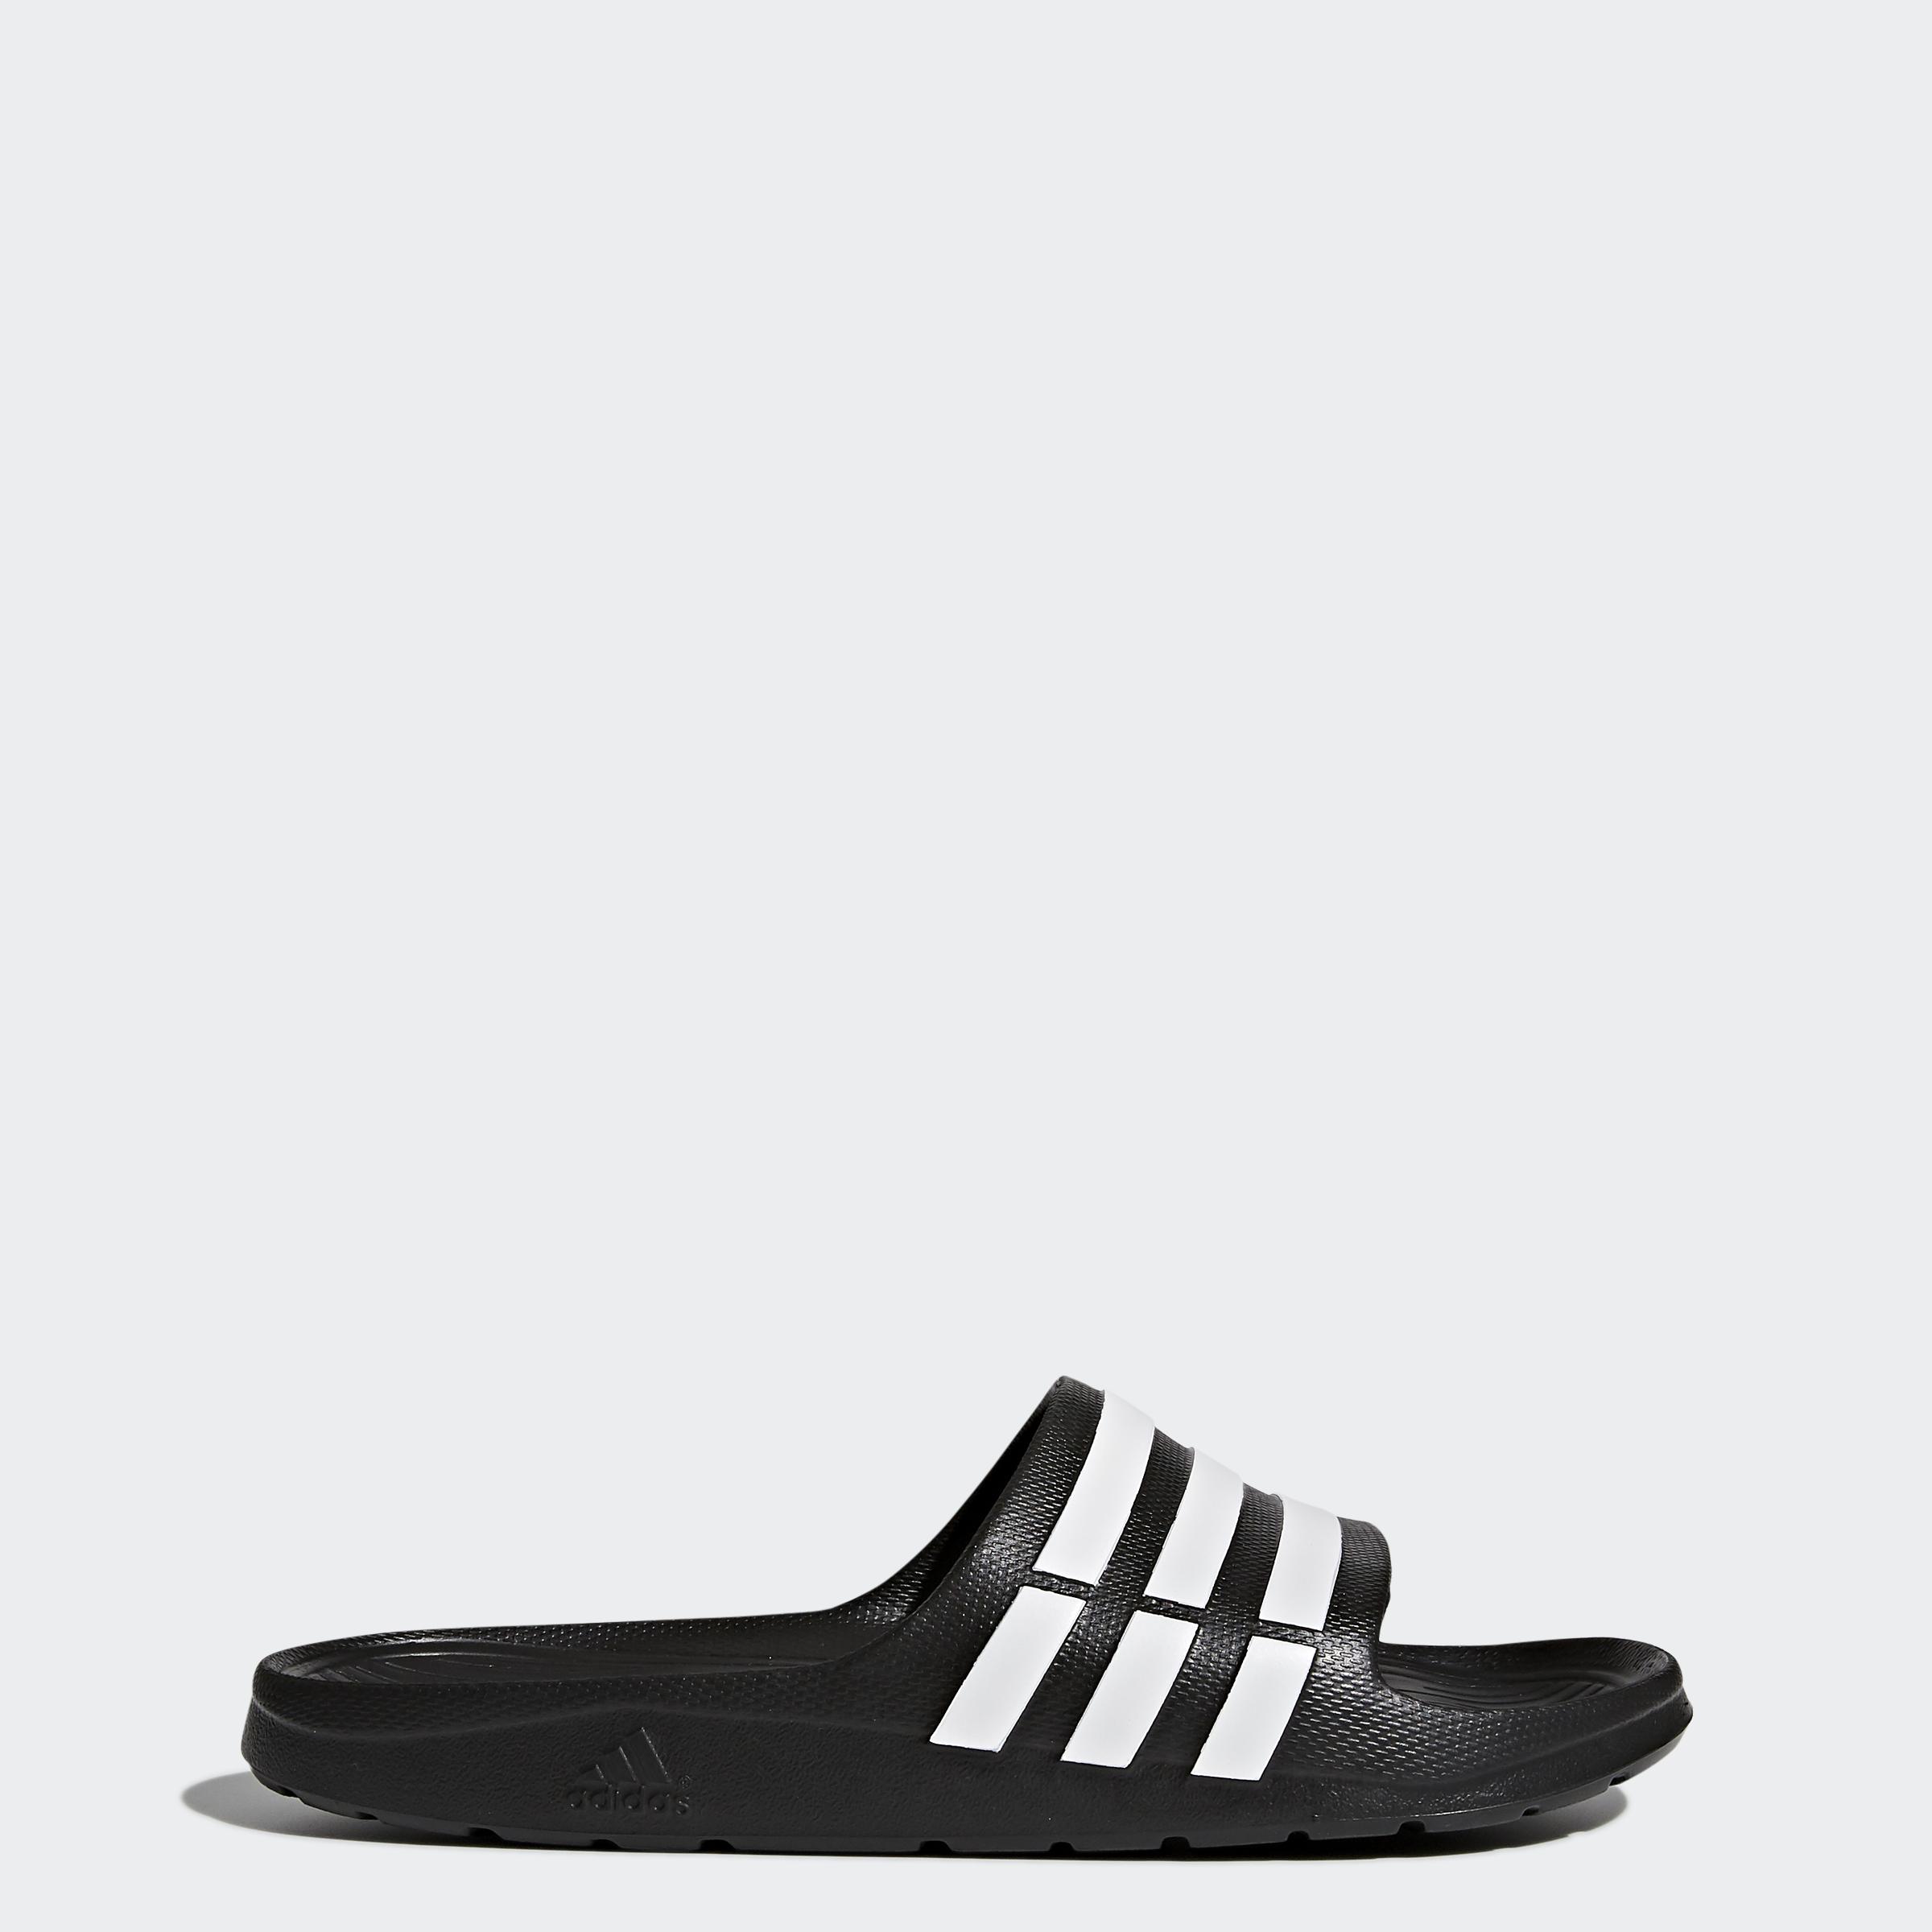 adidas-Duramo-Slides-Men-039-s thumbnail 10